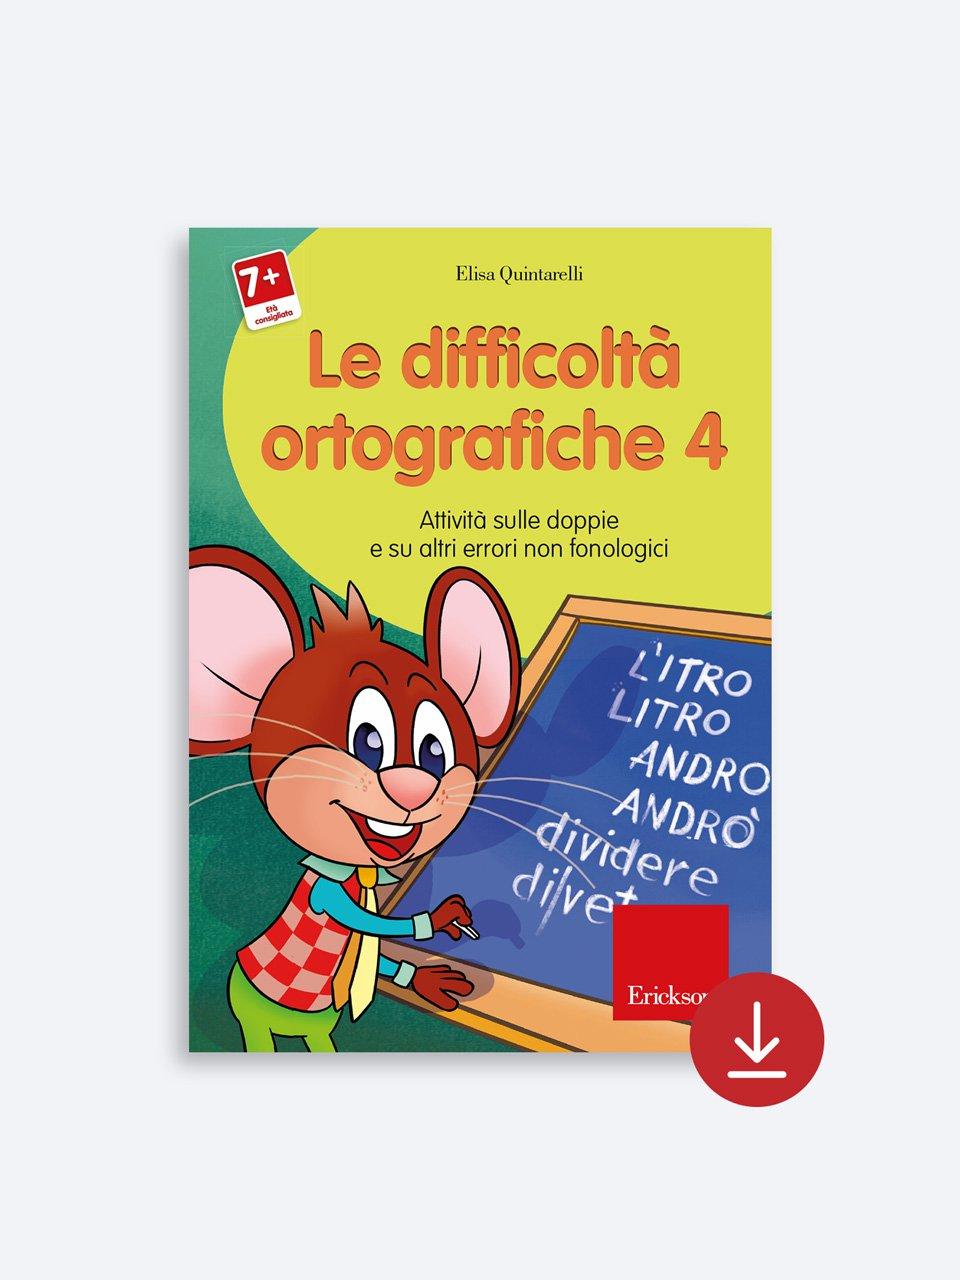 Le difficoltà ortografiche - Volume 4 - Le difficoltà ortografiche - Volume 1 - Libri - App e software - Erickson 2